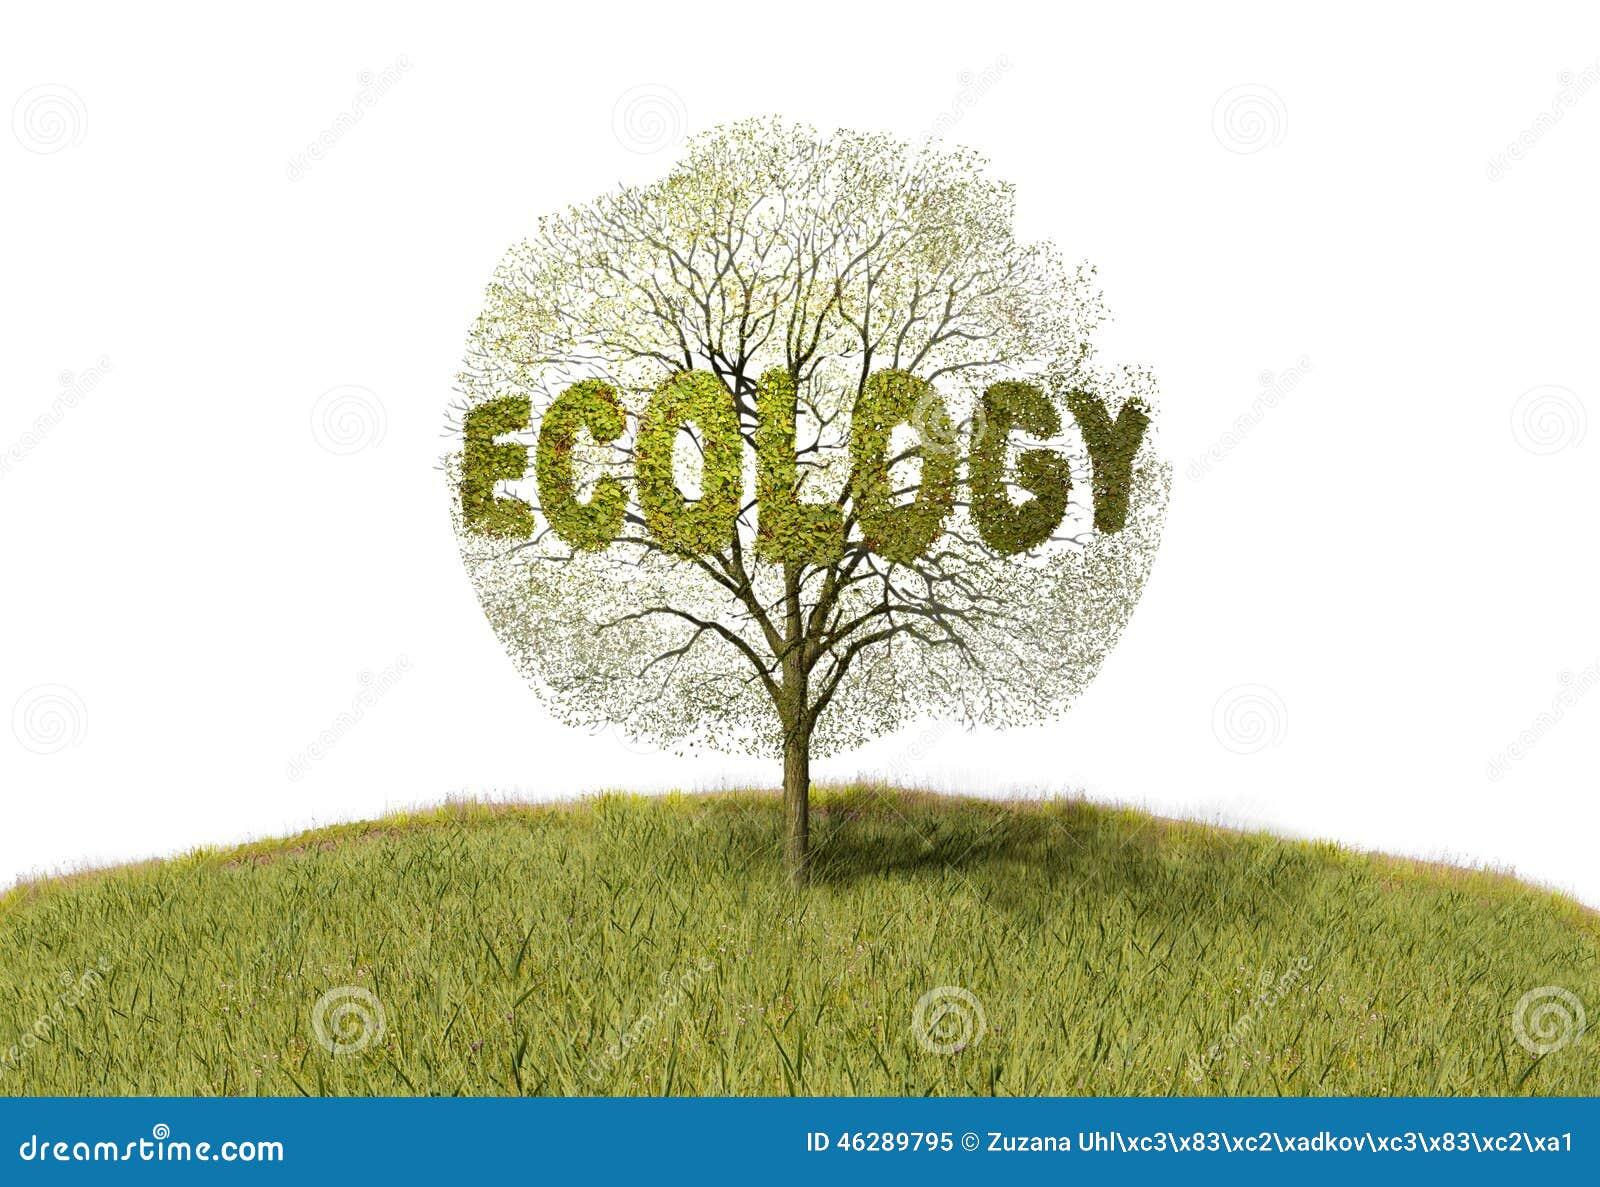 Ekologia tekst na drzewie